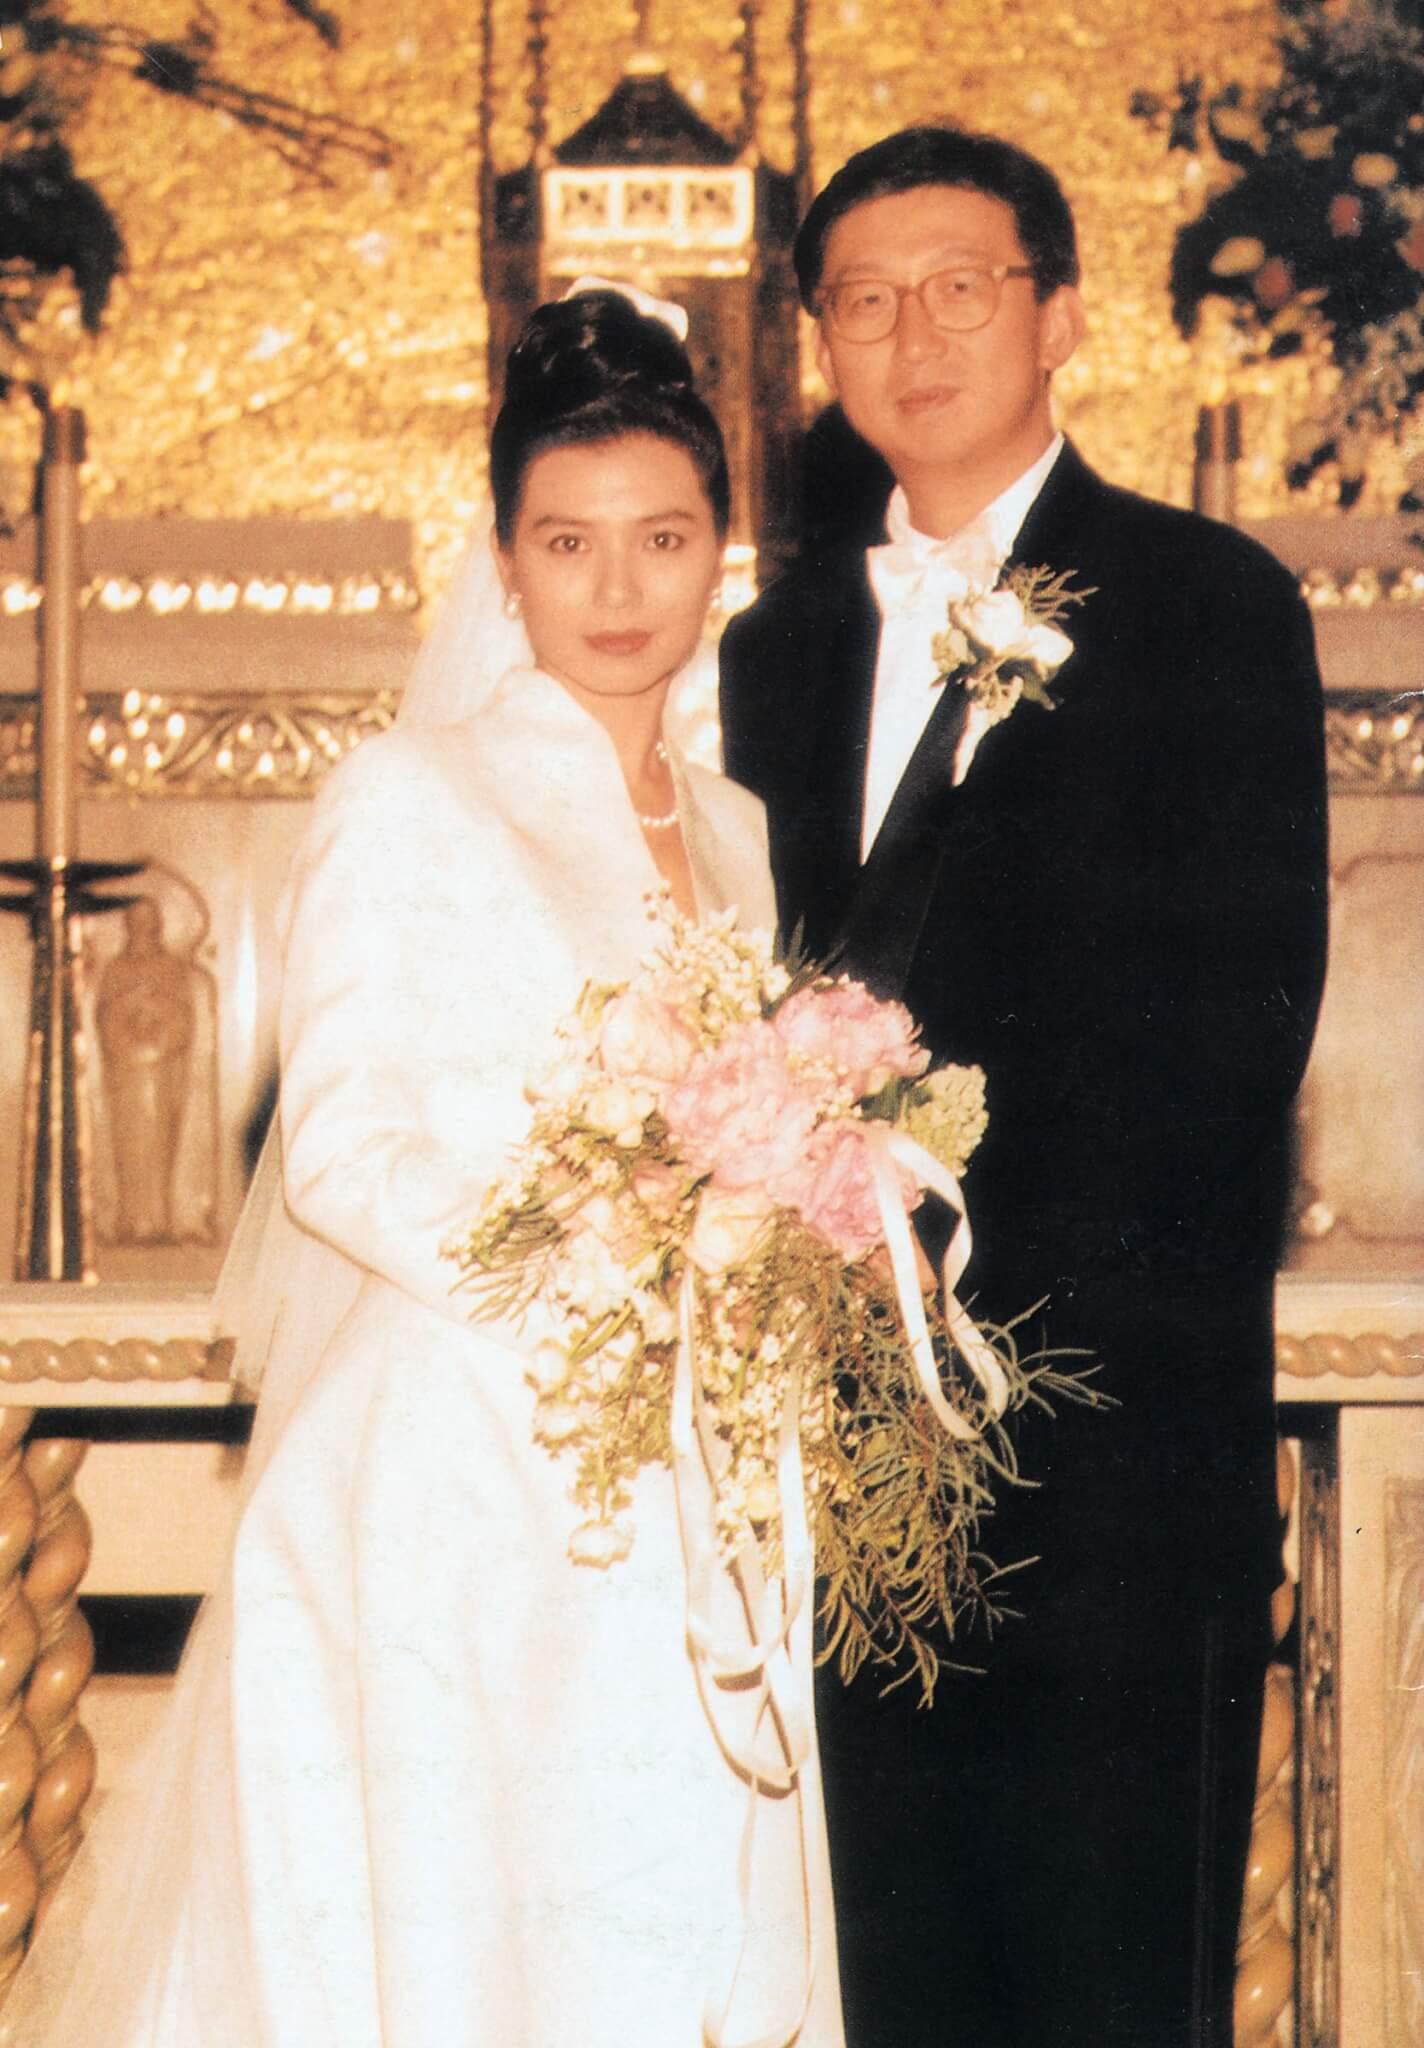 鍾楚紅於1991年12月與朱家鼎結婚,她特別挑選英國王室御用設計師Hartnell為她設計婚紗,在羅省聖百蘭大教堂行禮。